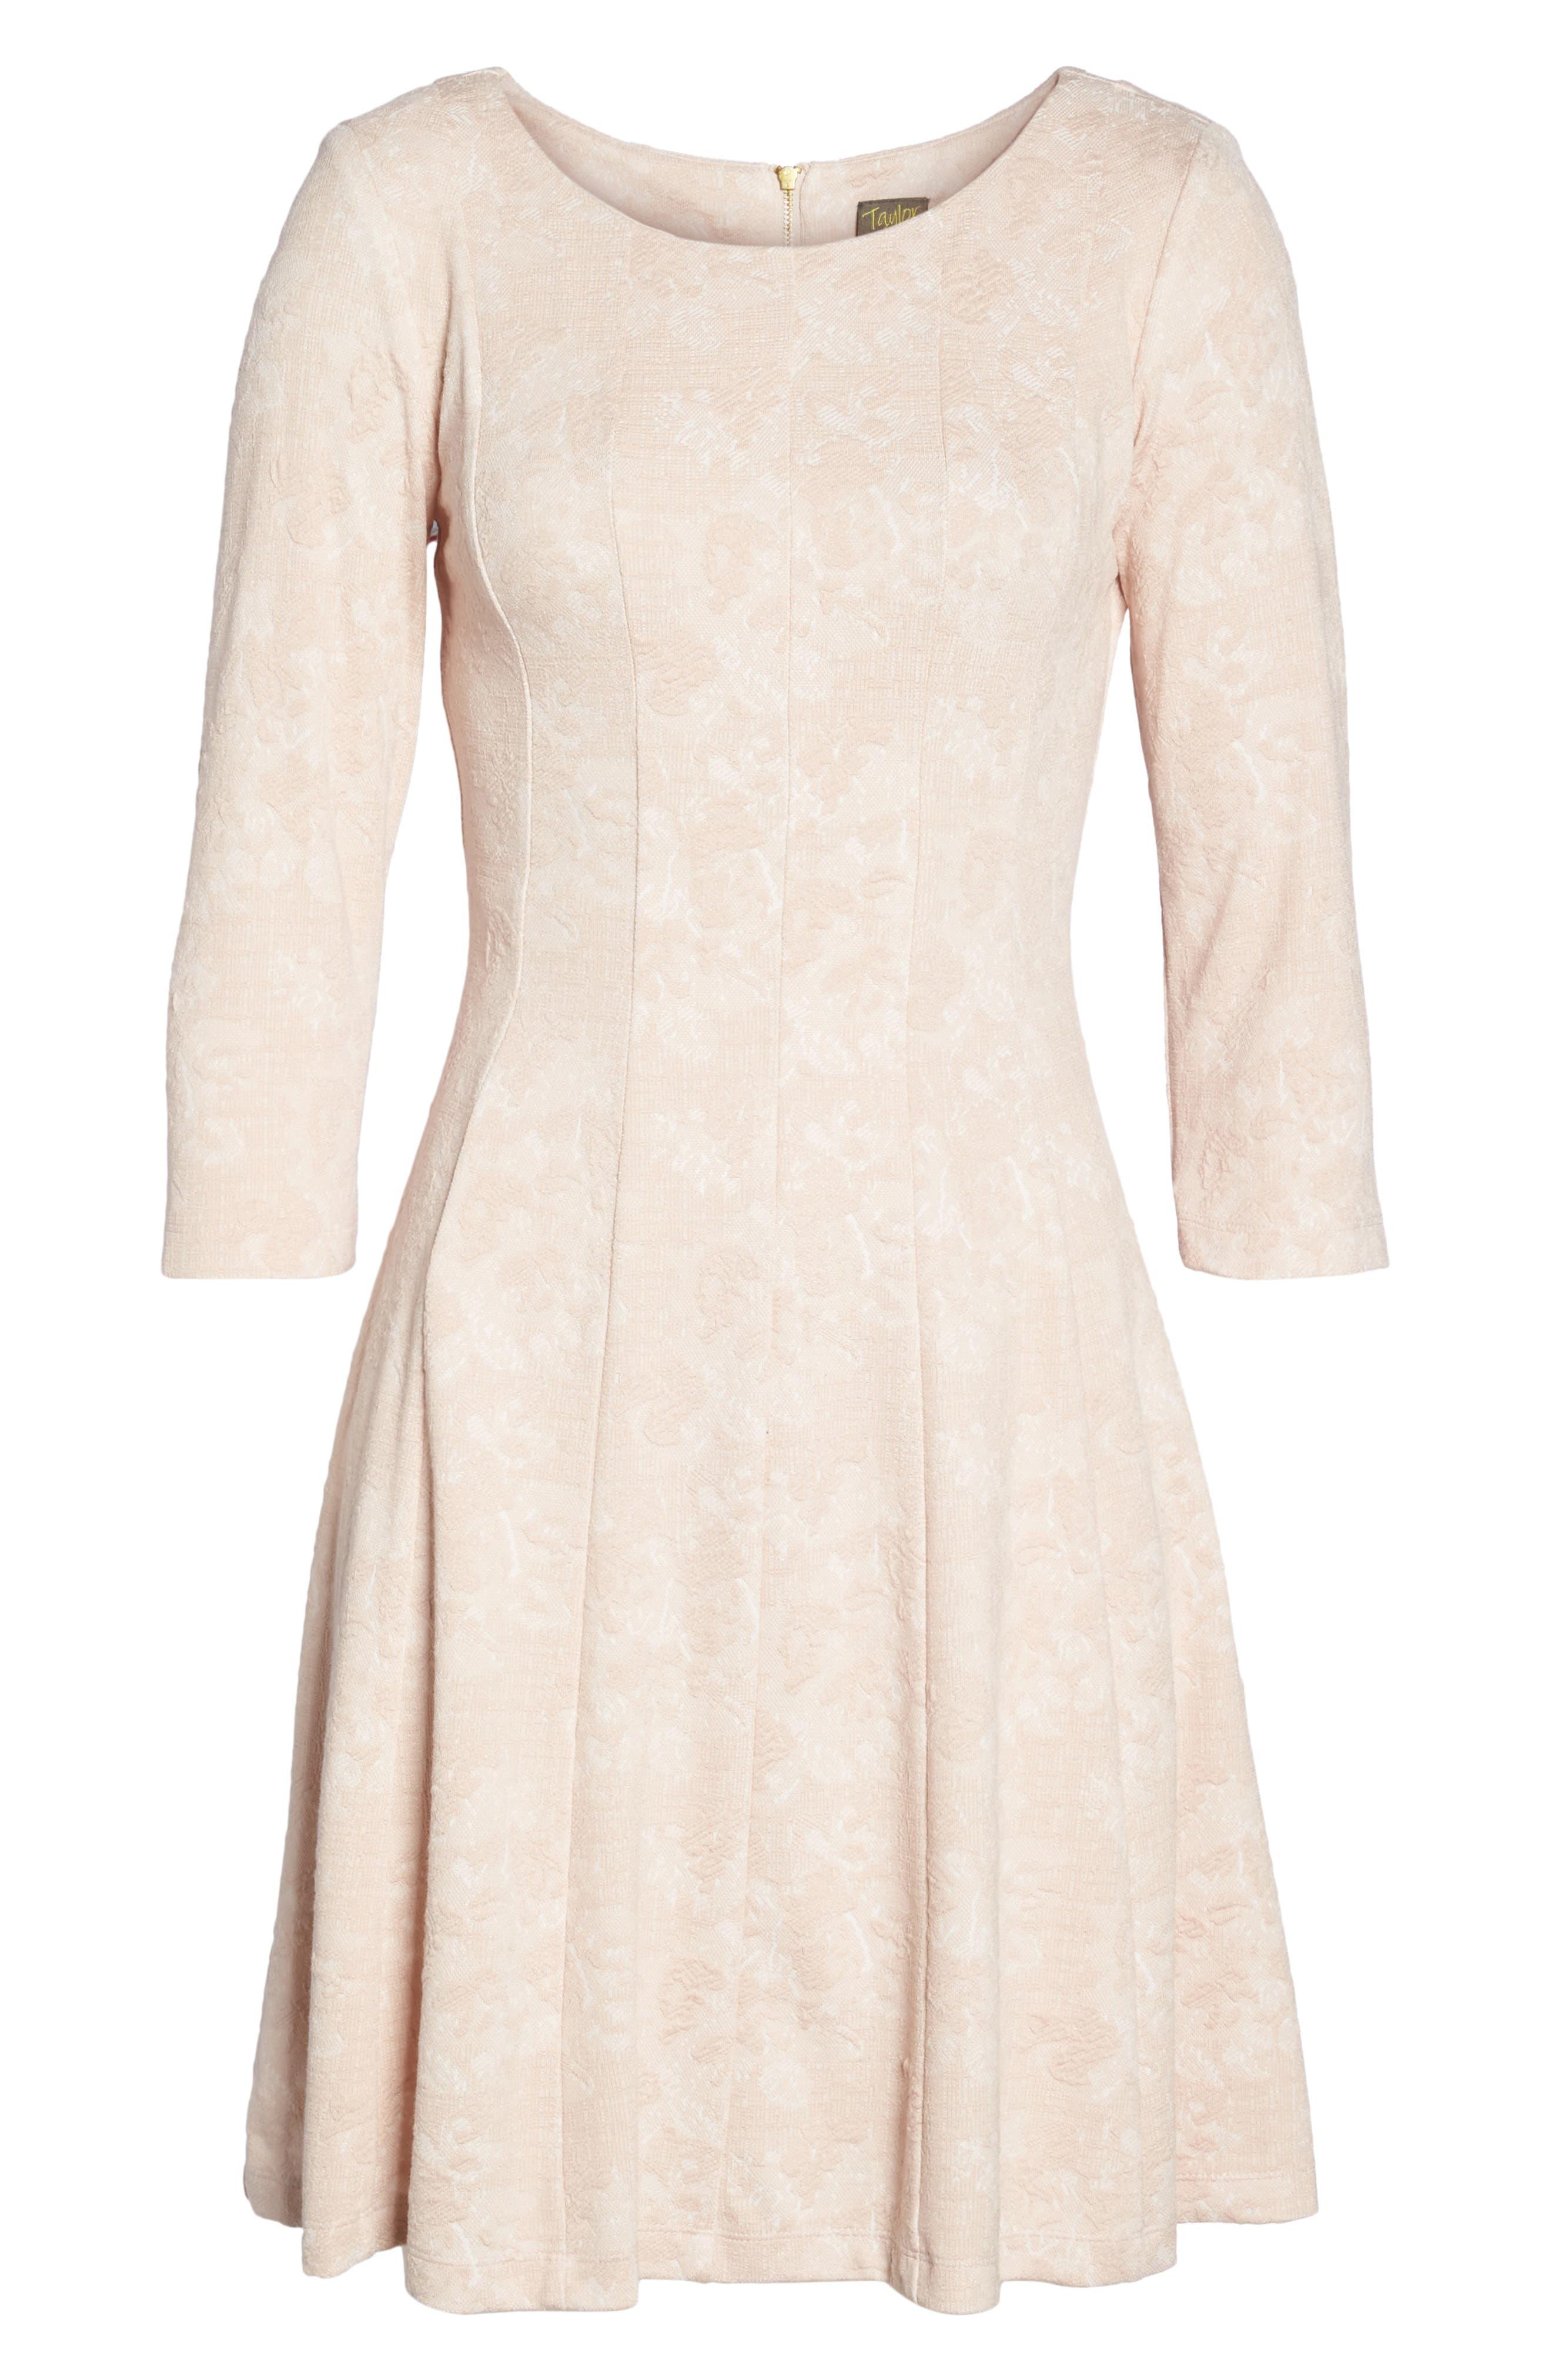 Jacquard Knit Fit & Flare Dress,                             Alternate thumbnail 12, color,